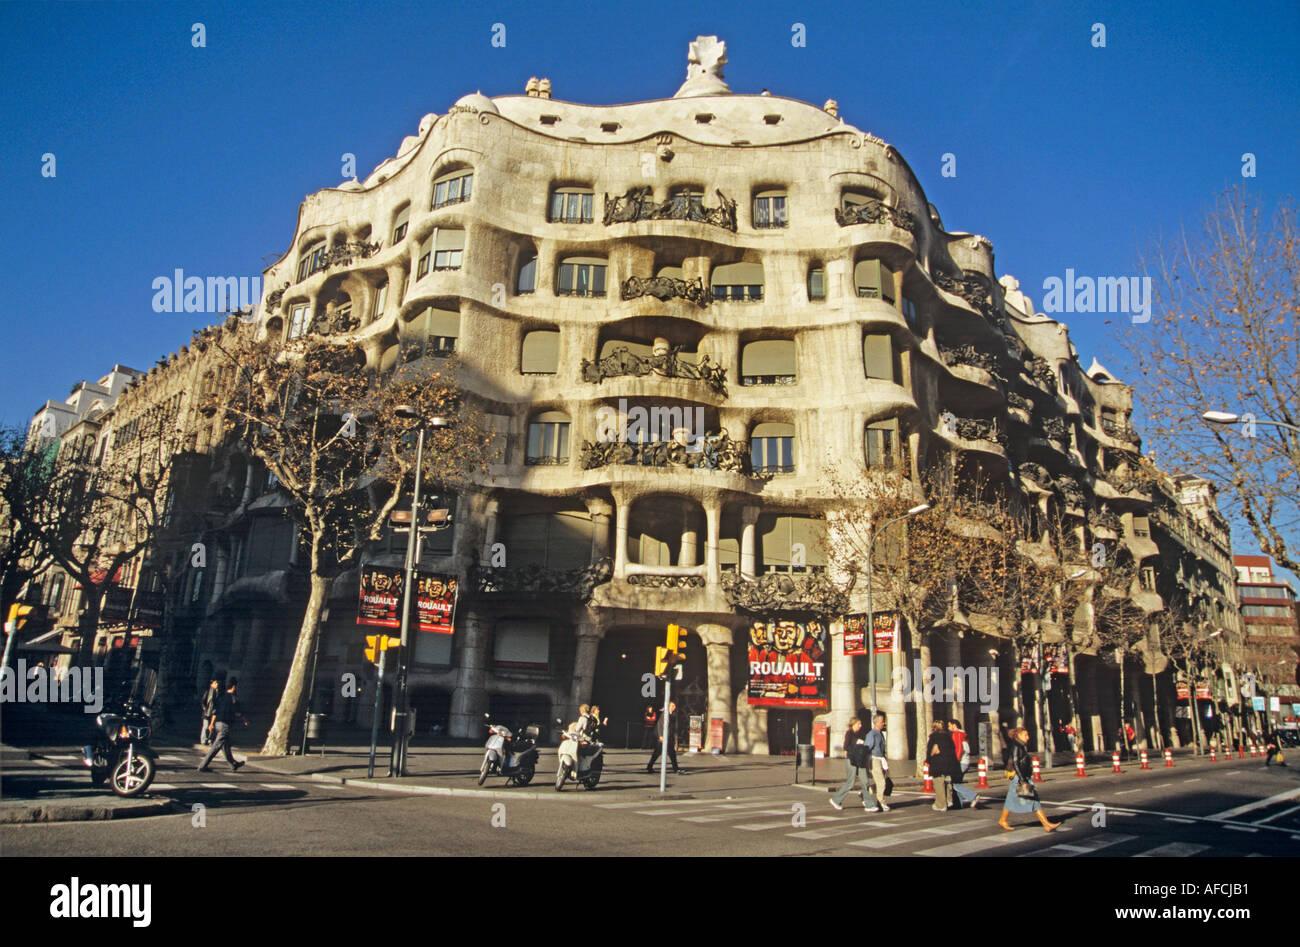 A triumph of Antoni Gaudí design is Casa Mila or La Pedrera in Barcelona - Stock Image